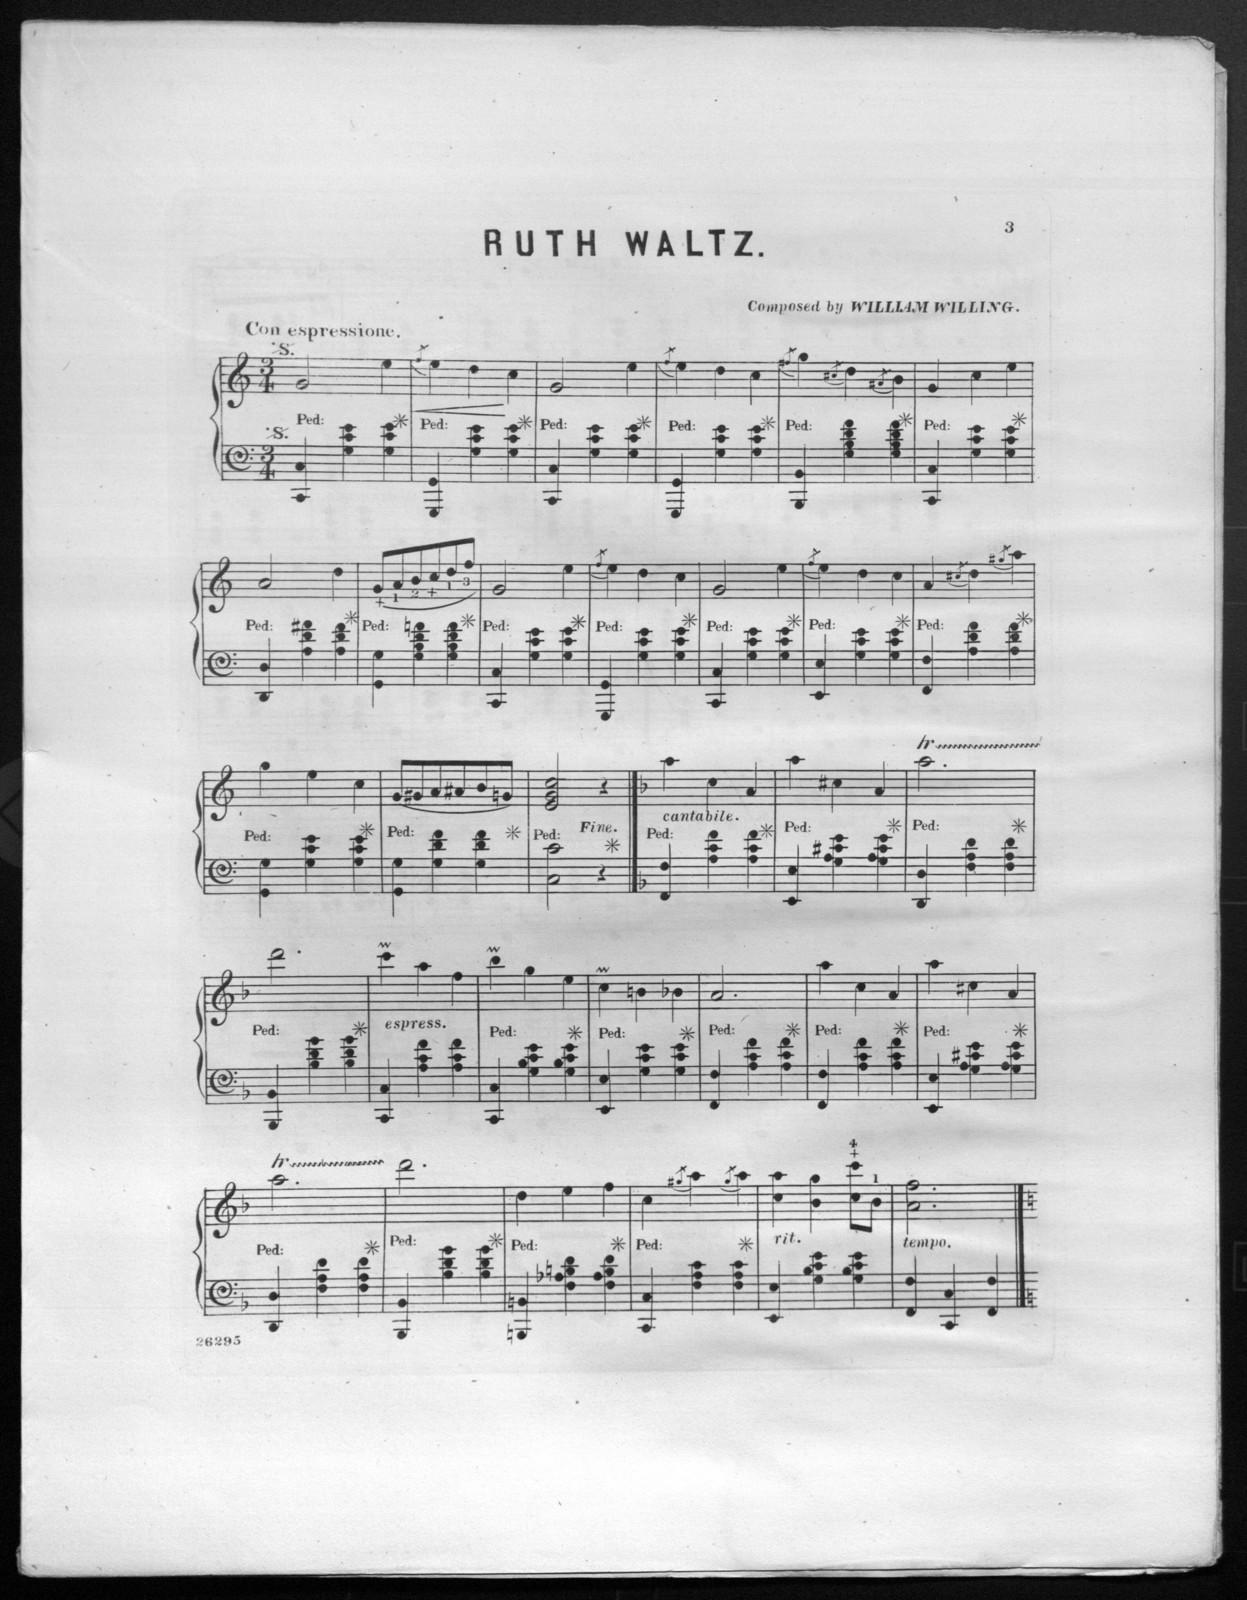 Ruth waltz